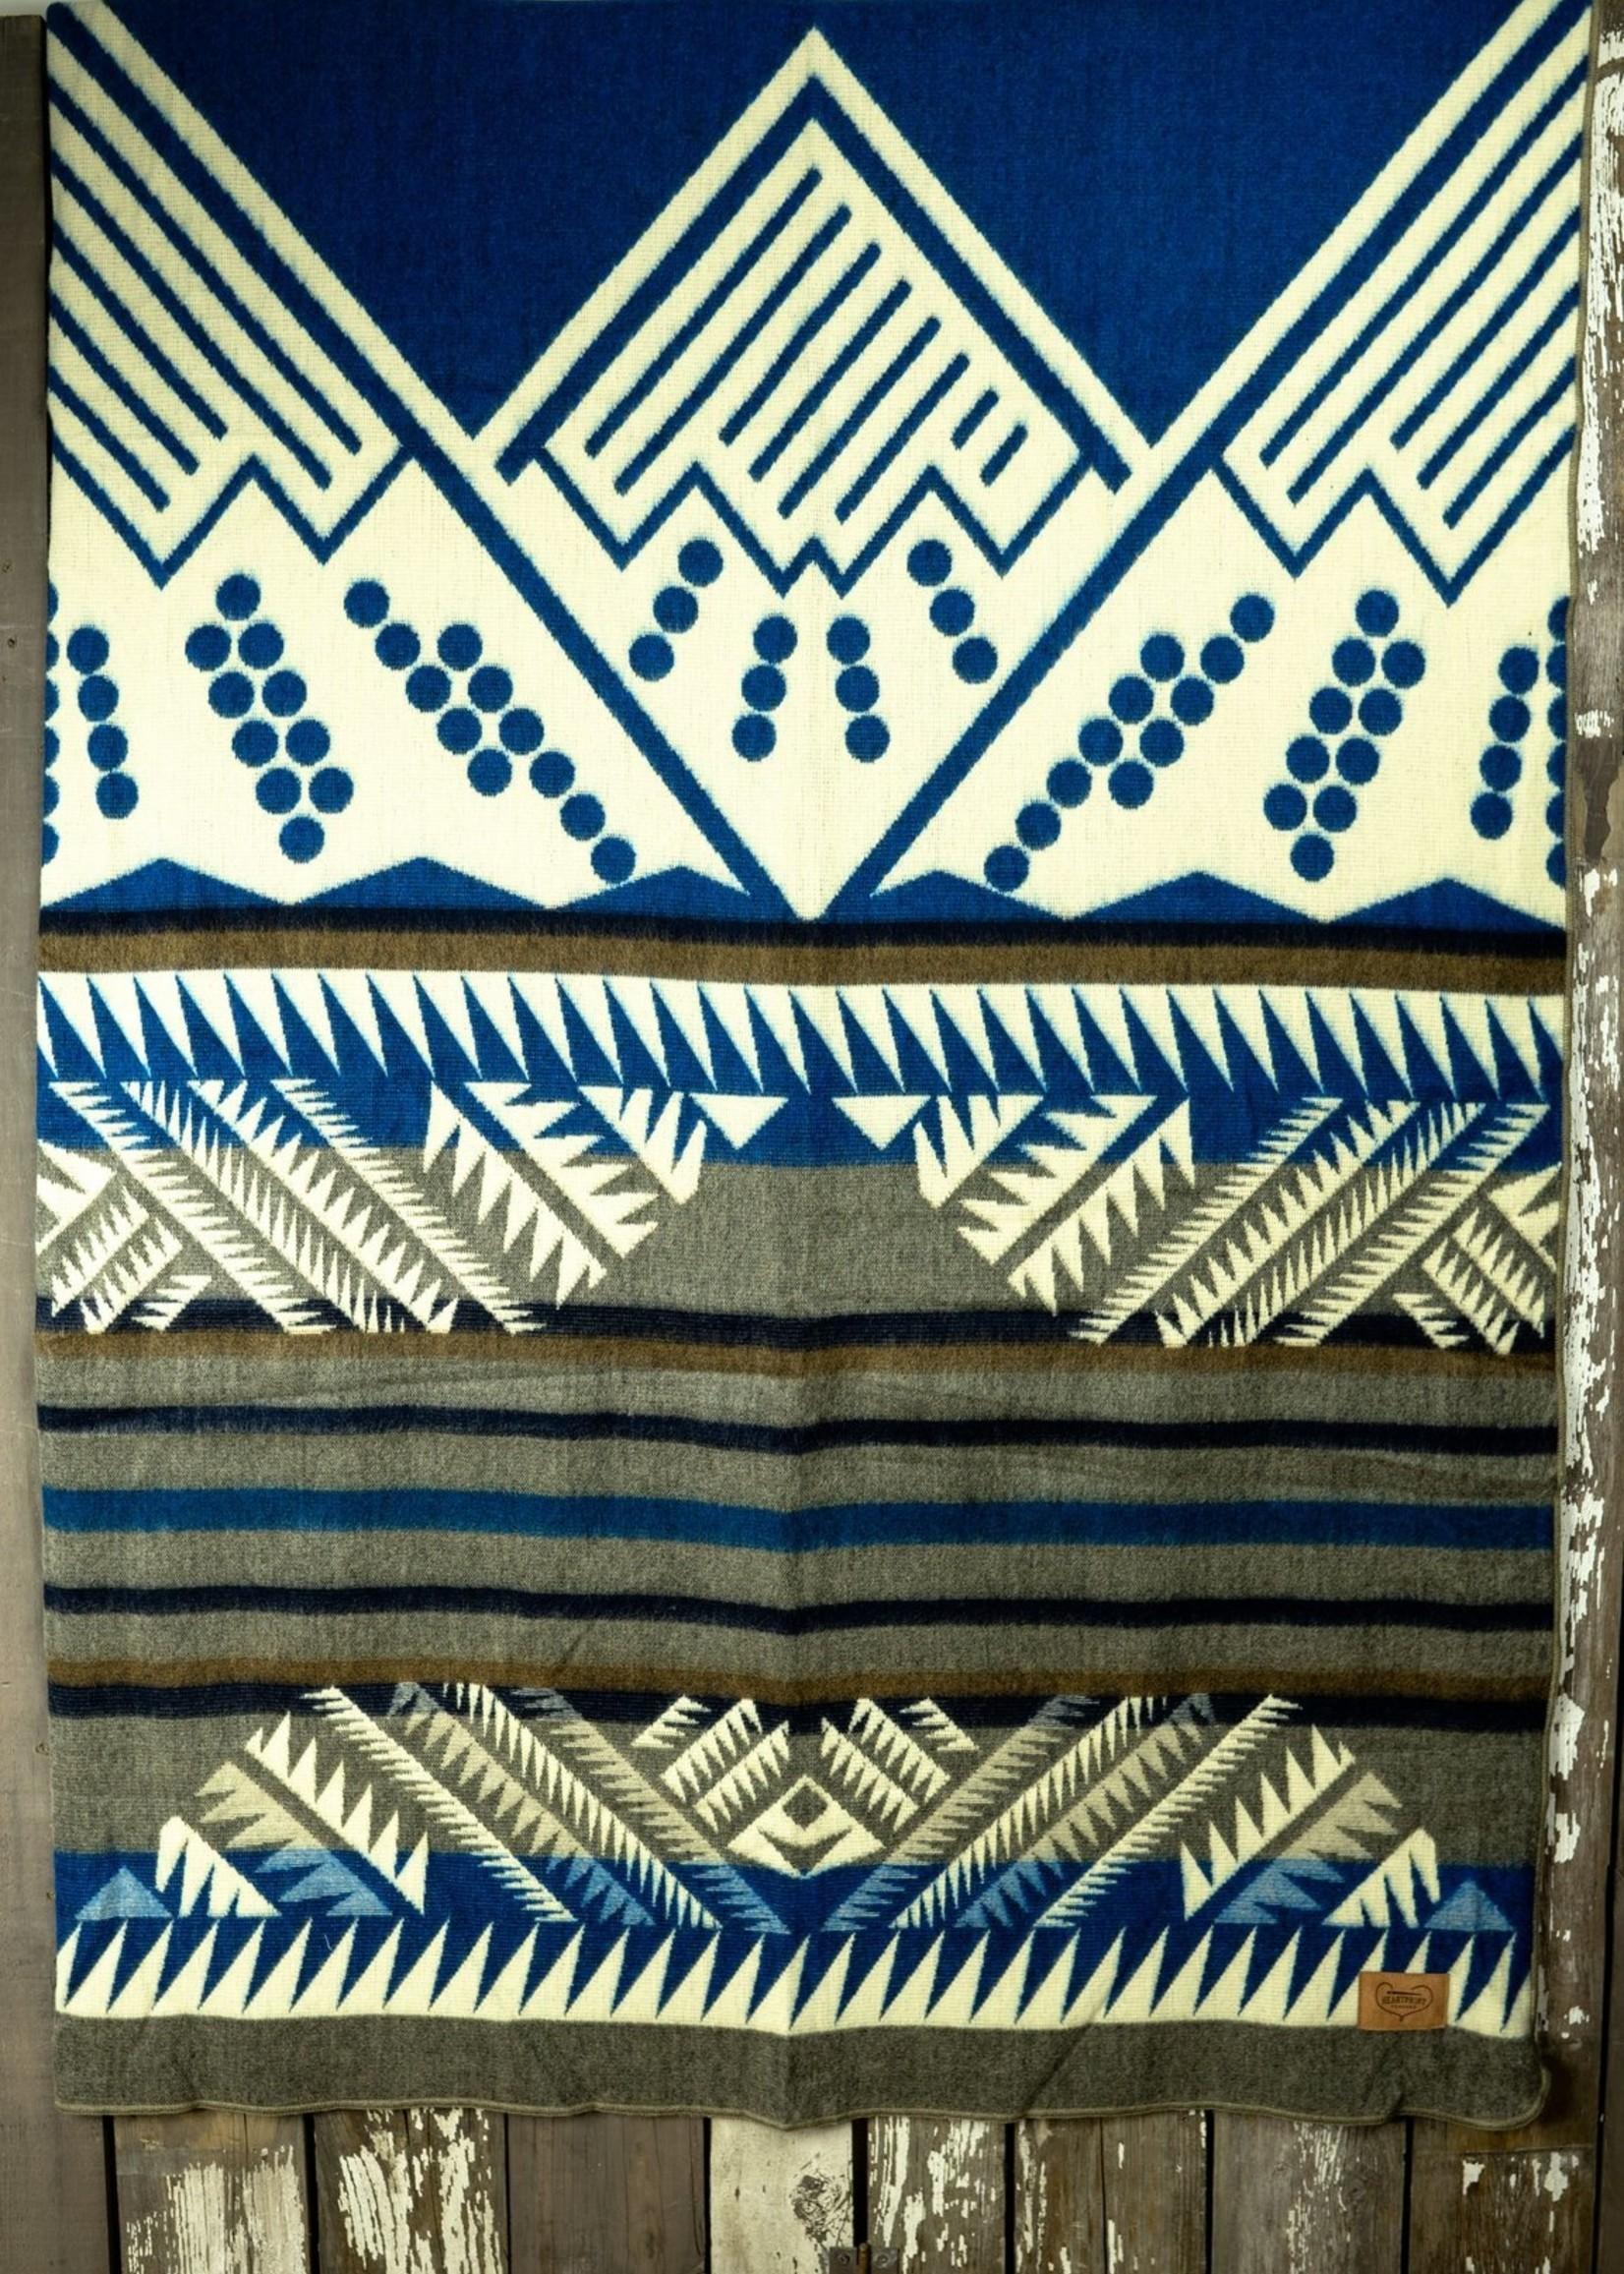 Heartprint Threads Louise Mountain Blanket   Queen